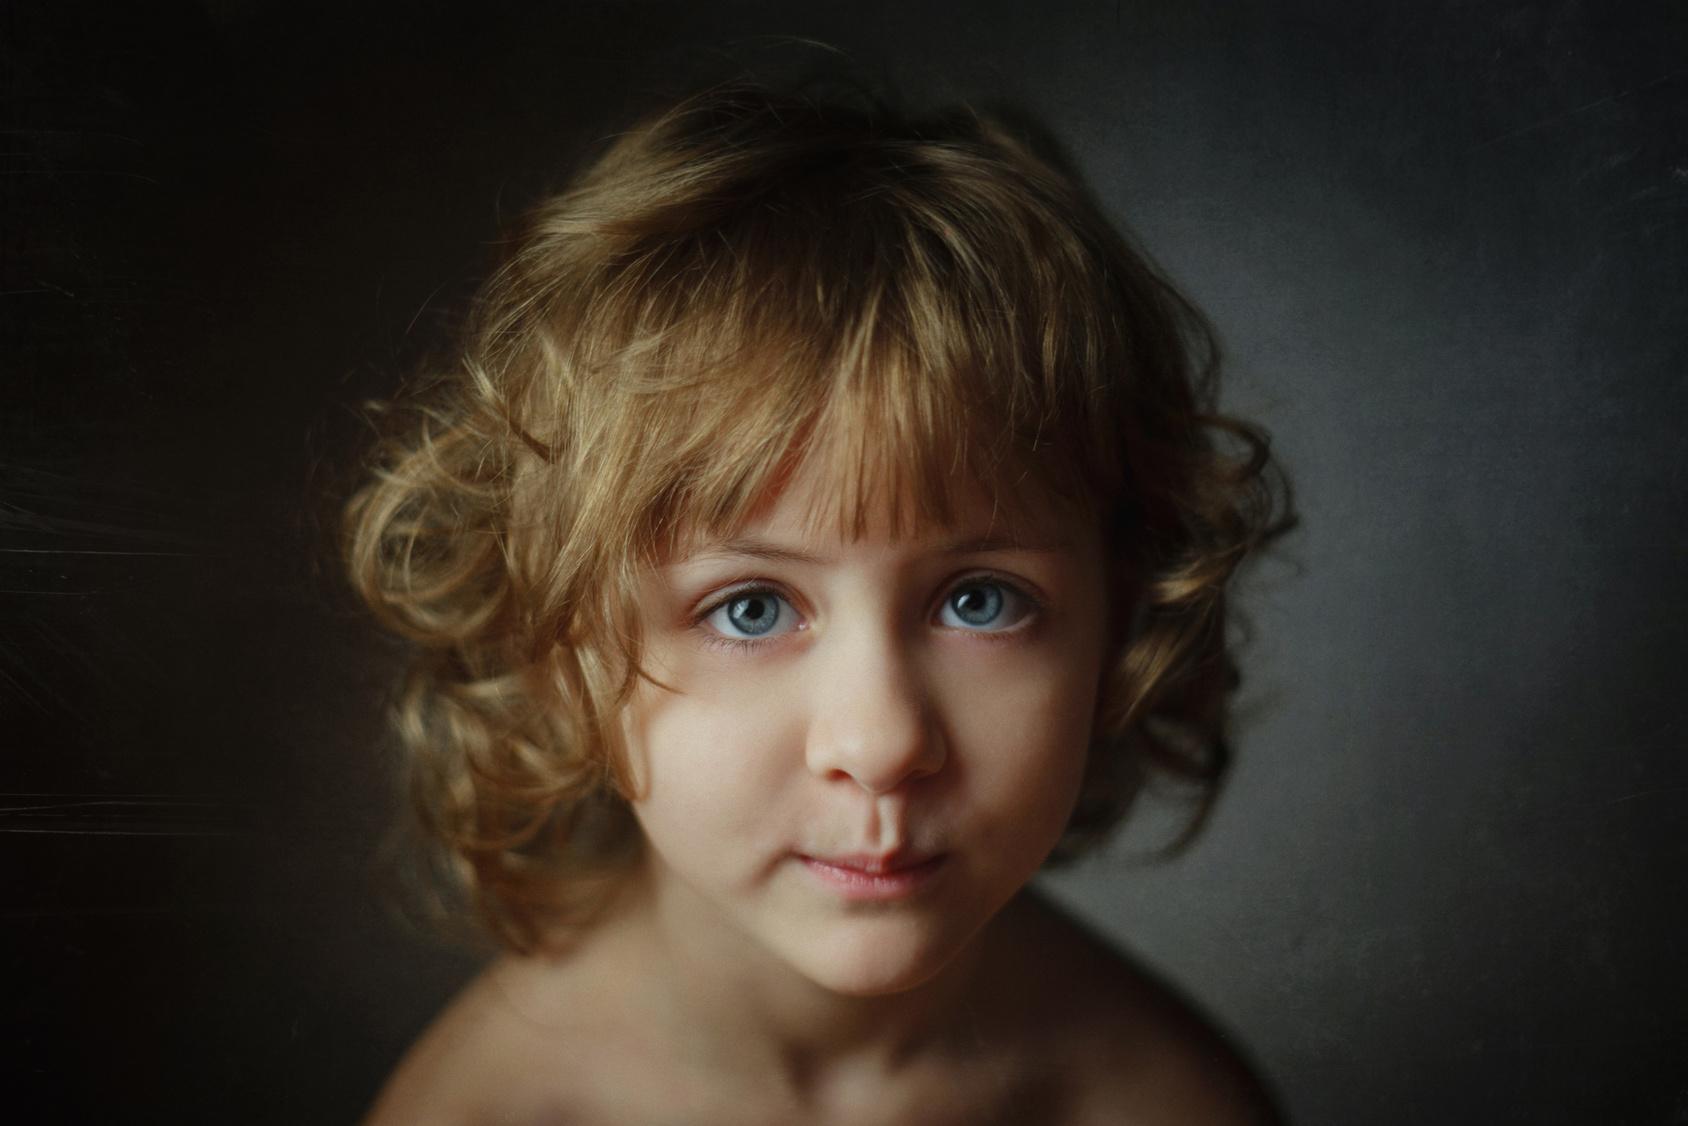 Photos : 20 coiffures courtes pour petites filles|parents.fr | PARENTS.fr